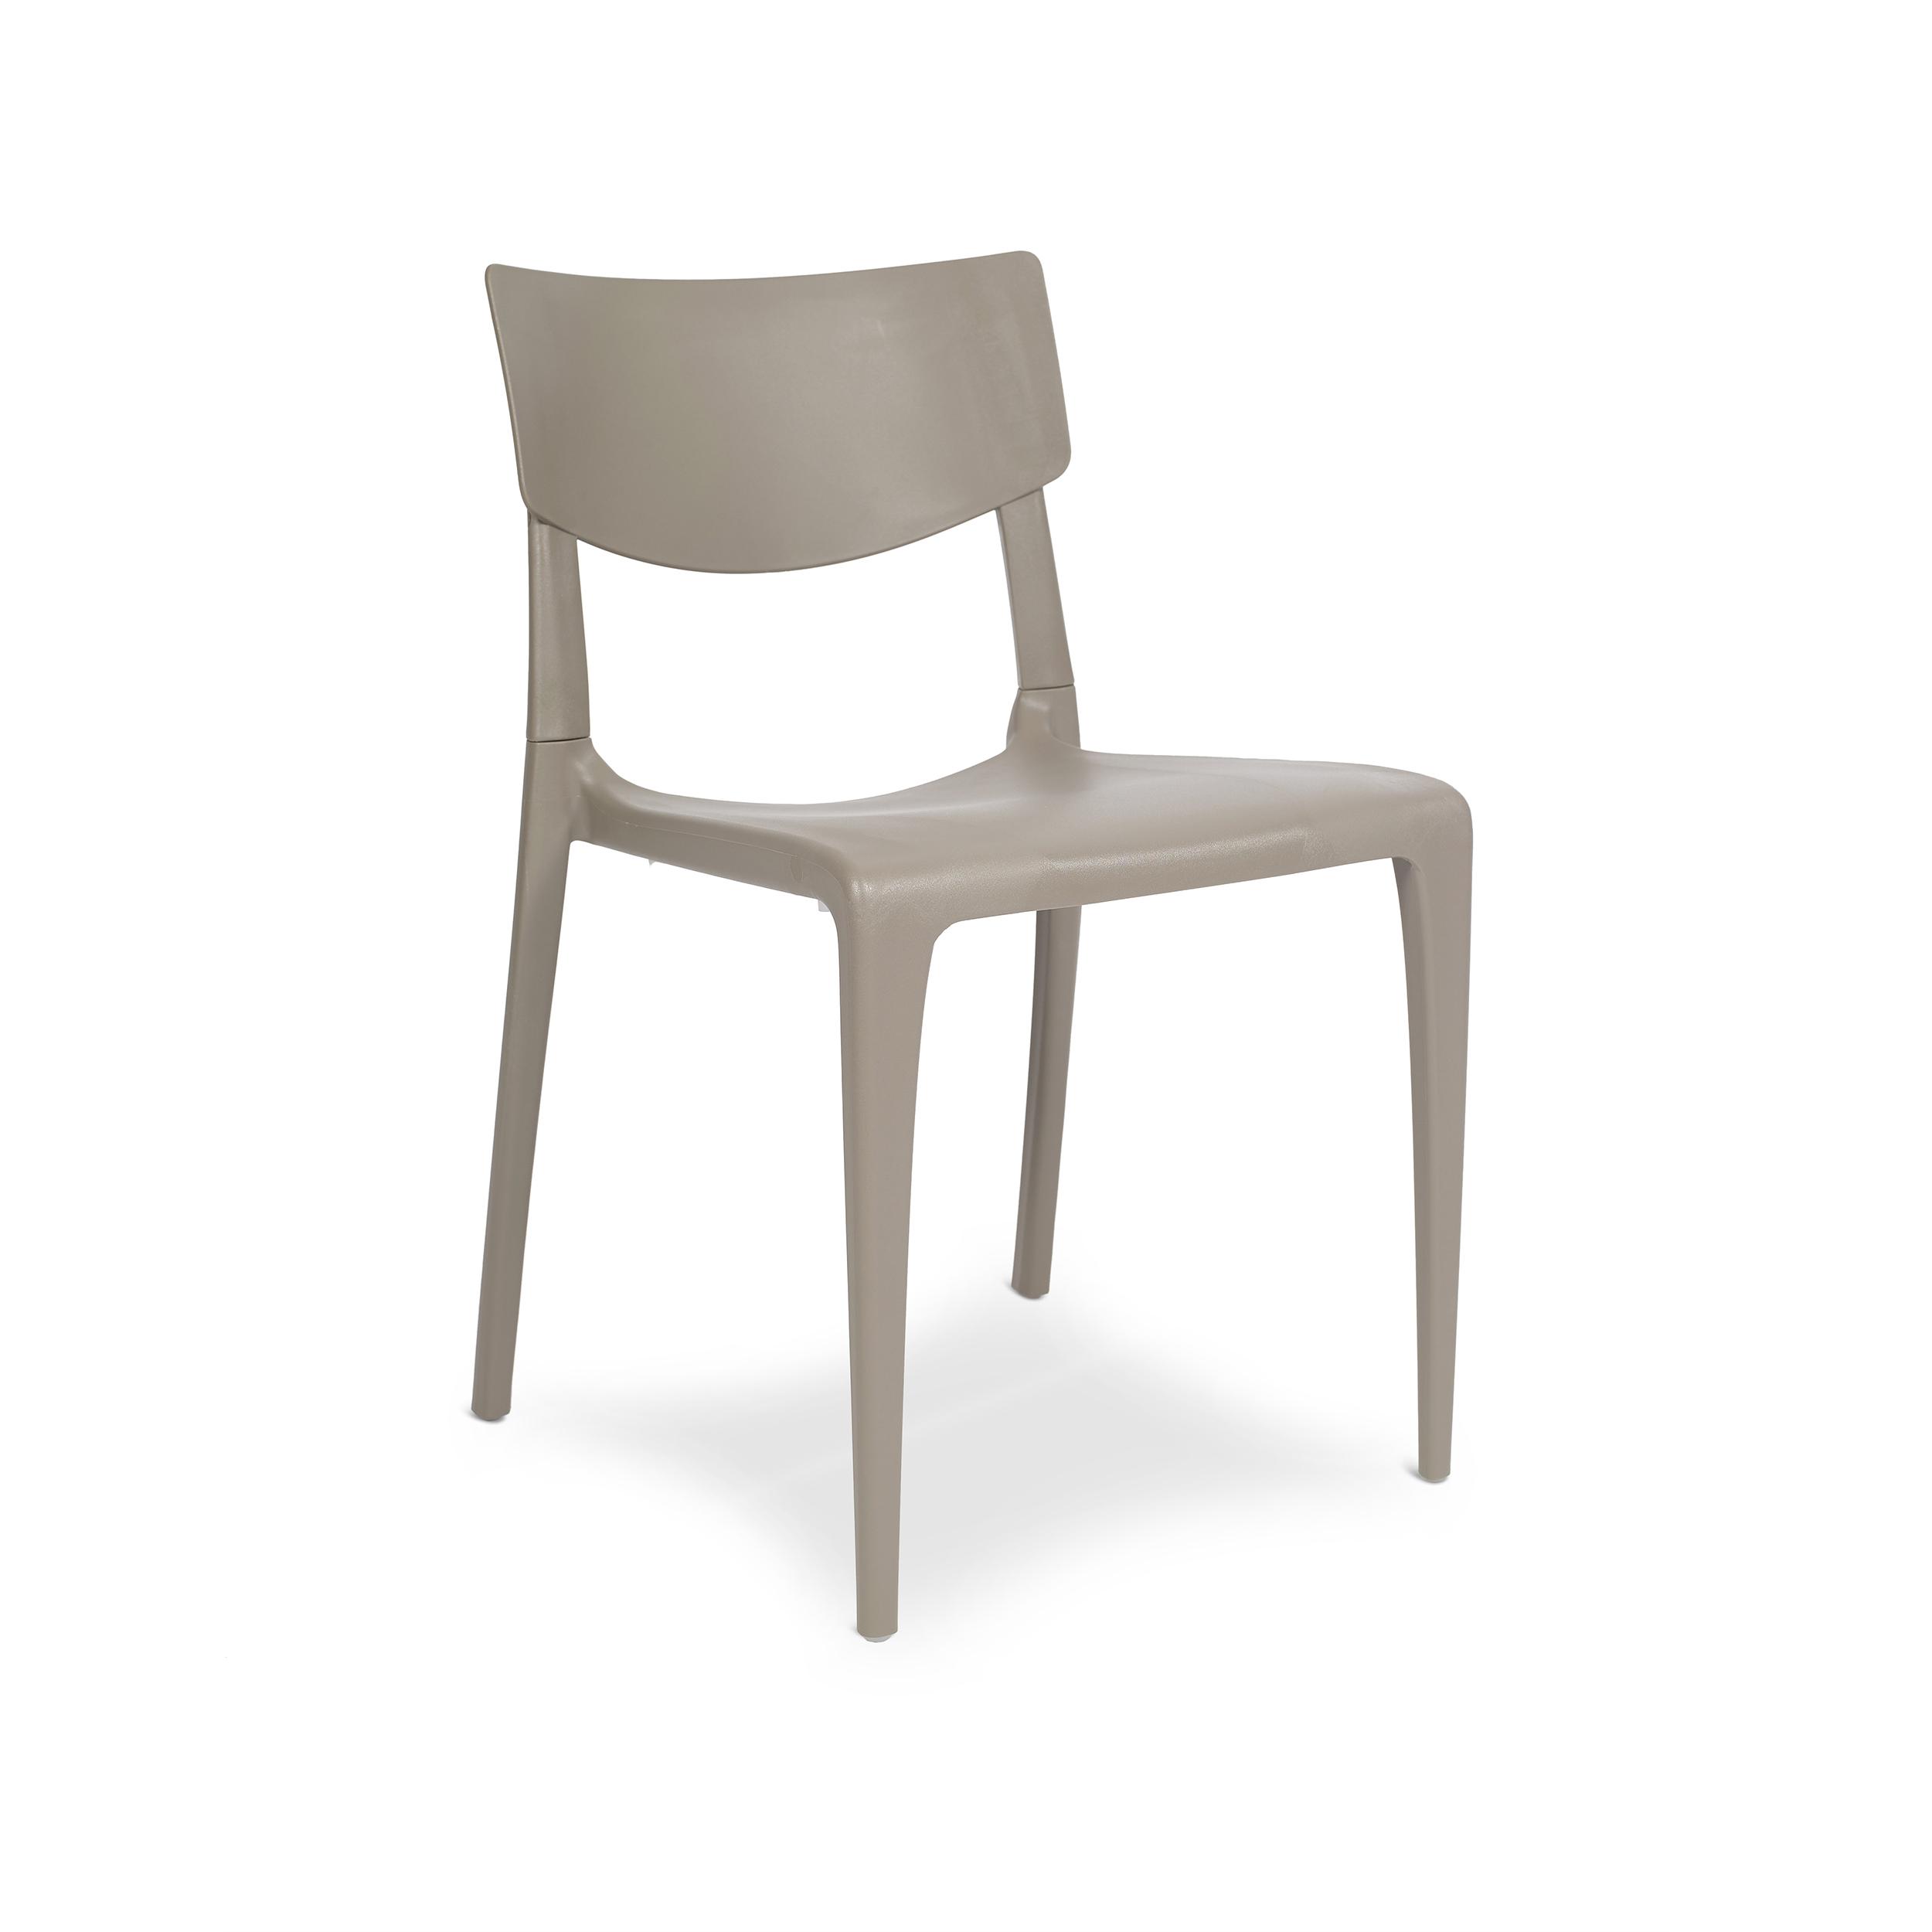 Chaise de jardin en polypropylène renforcé taupe